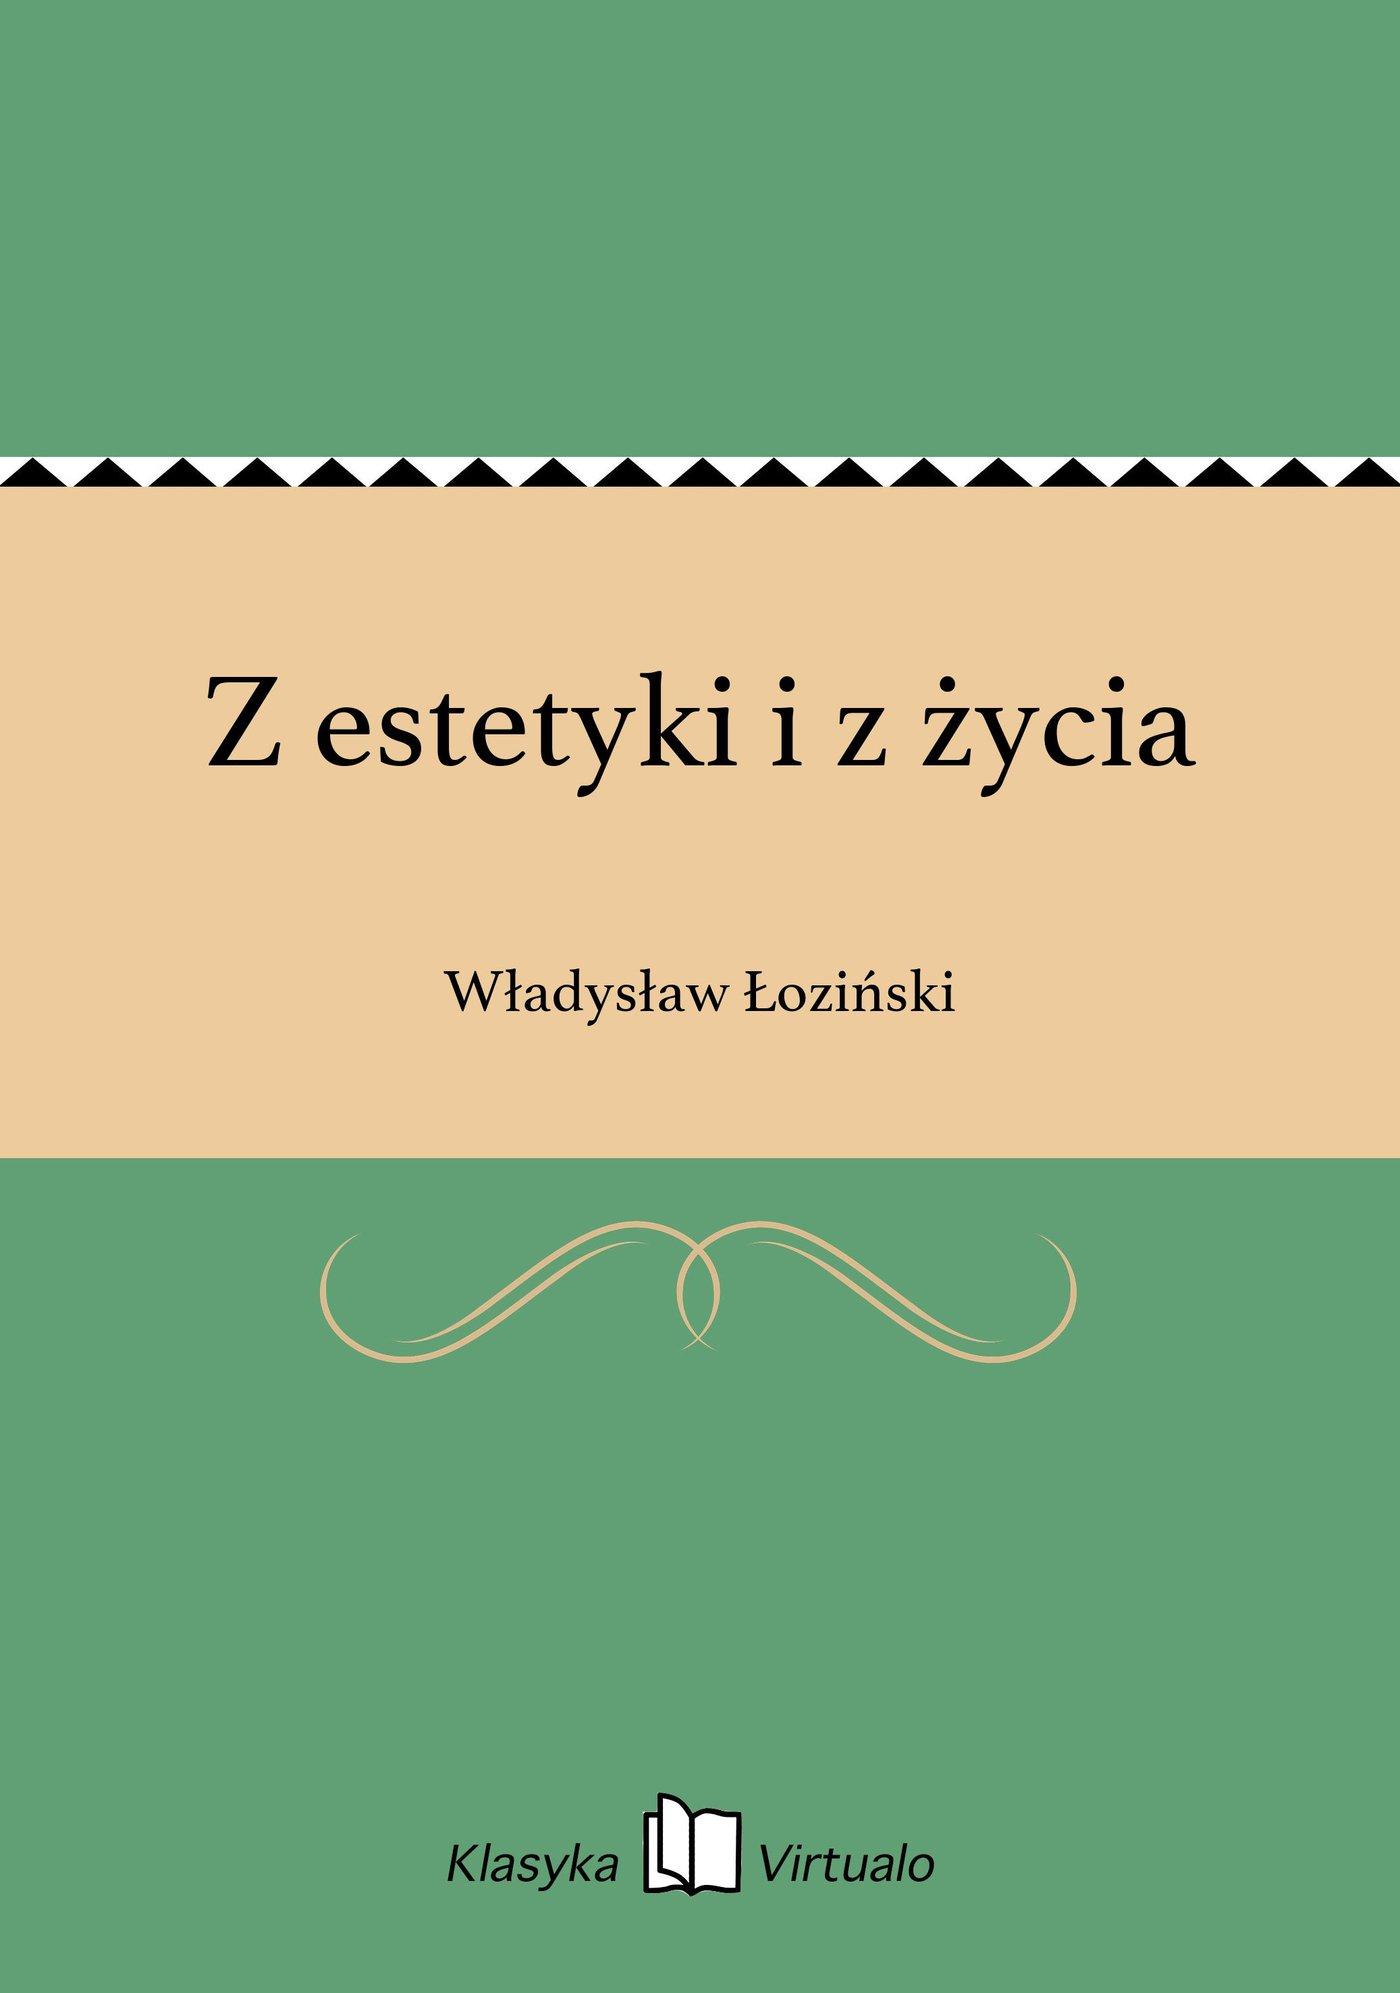 Z estetyki i z życia - Ebook (Książka EPUB) do pobrania w formacie EPUB